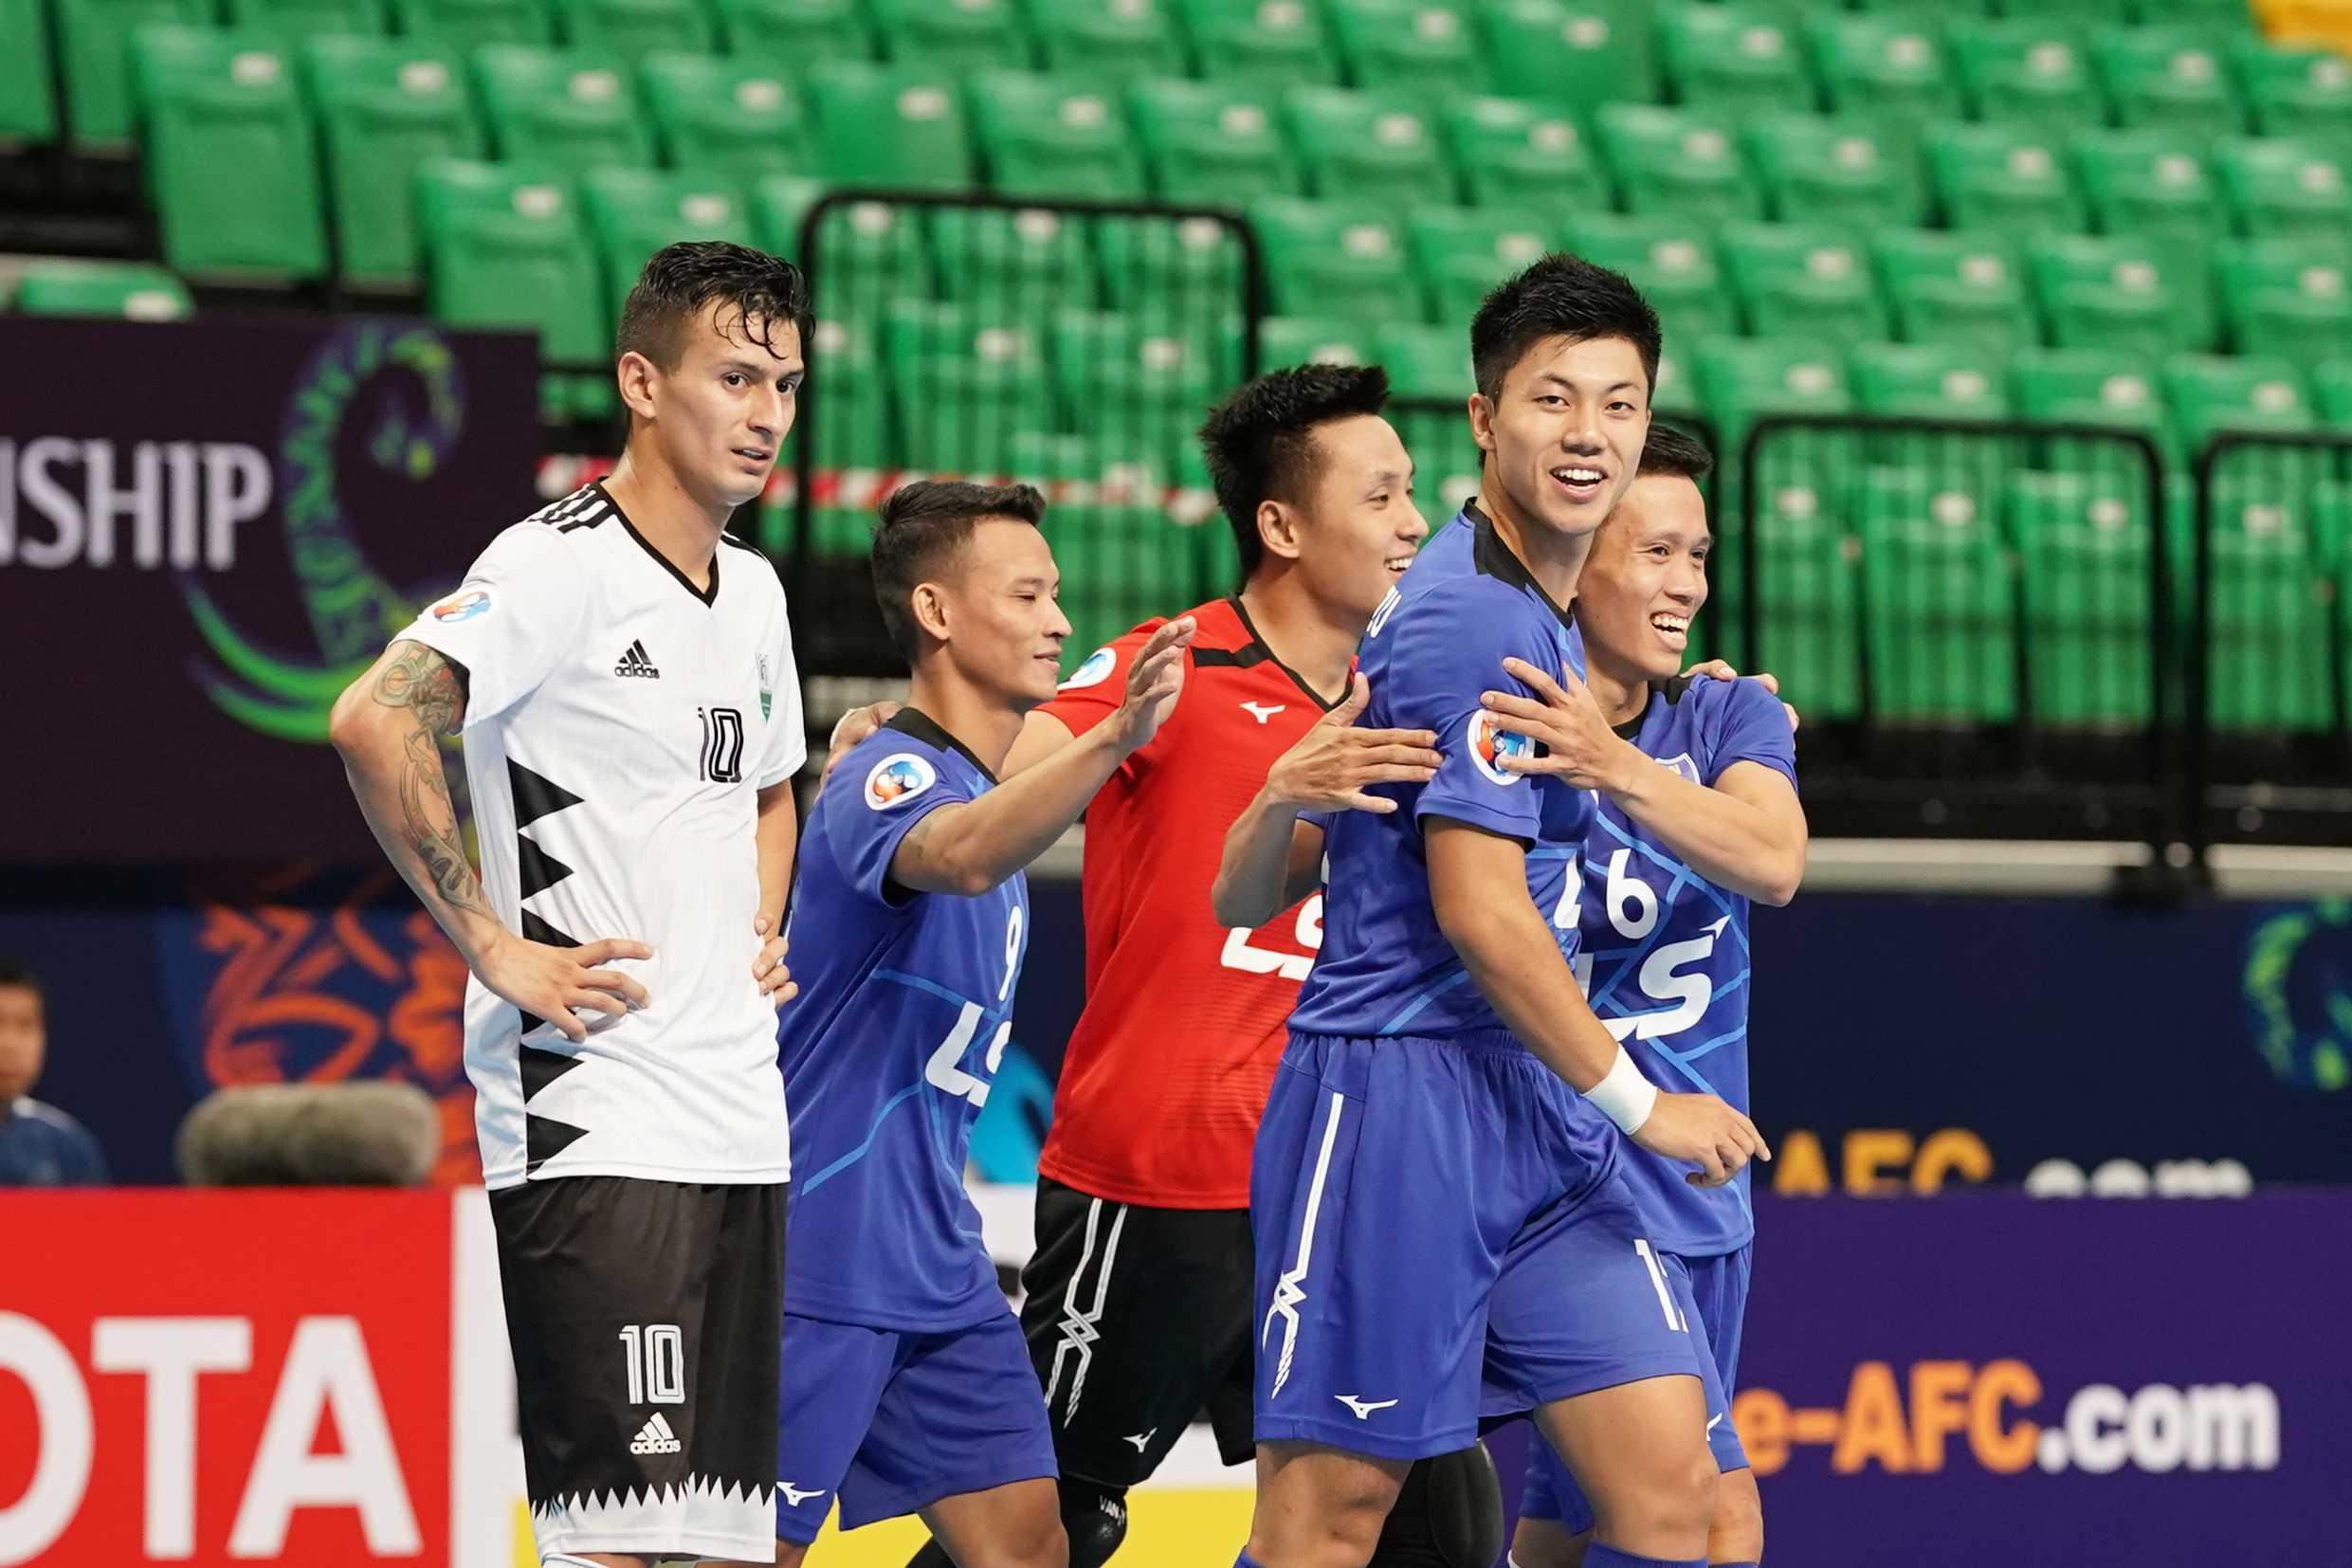 Giải futsal châu Á 2019: Thái Sơn Nam vào tứ kết với 3 trận toàn thắng - Bóng Đá